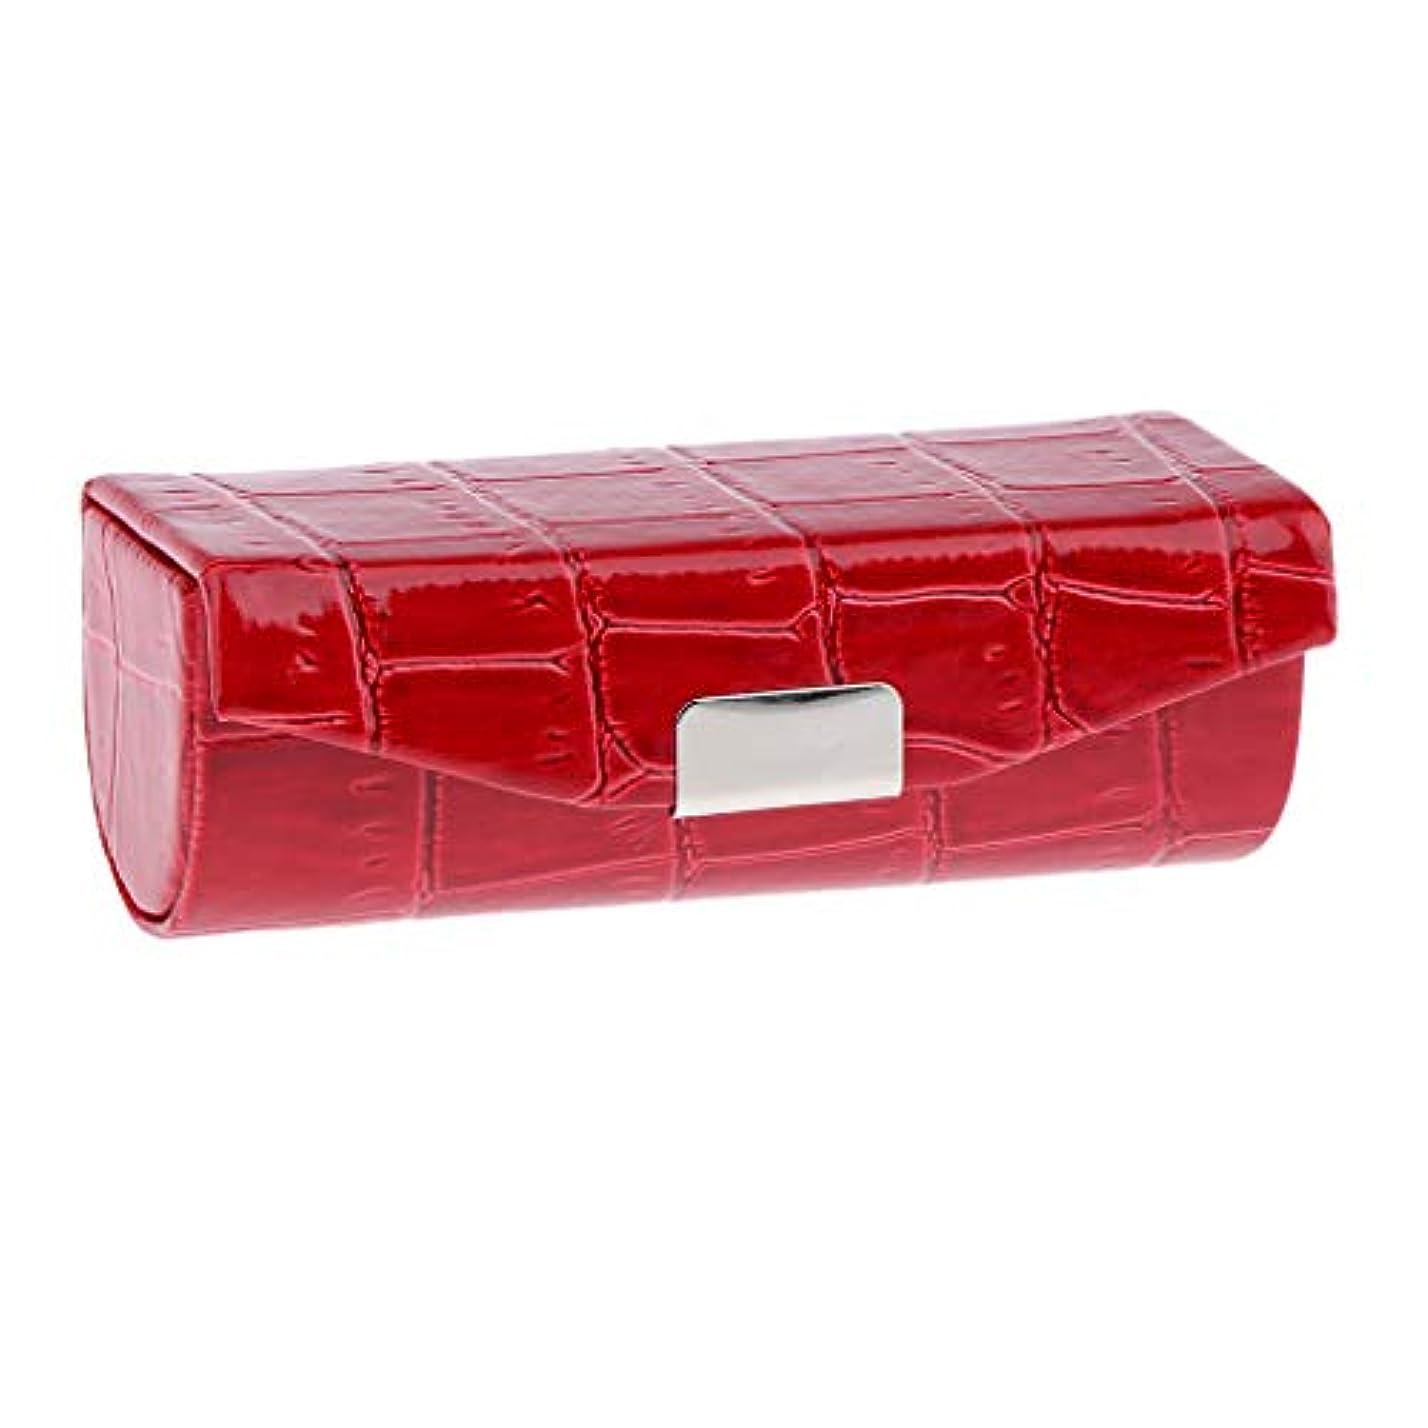 ミットゆり息苦しいSharplace 口紅ケース 小物収納ケース プレゼント ミラー付き 多色選べ - 赤